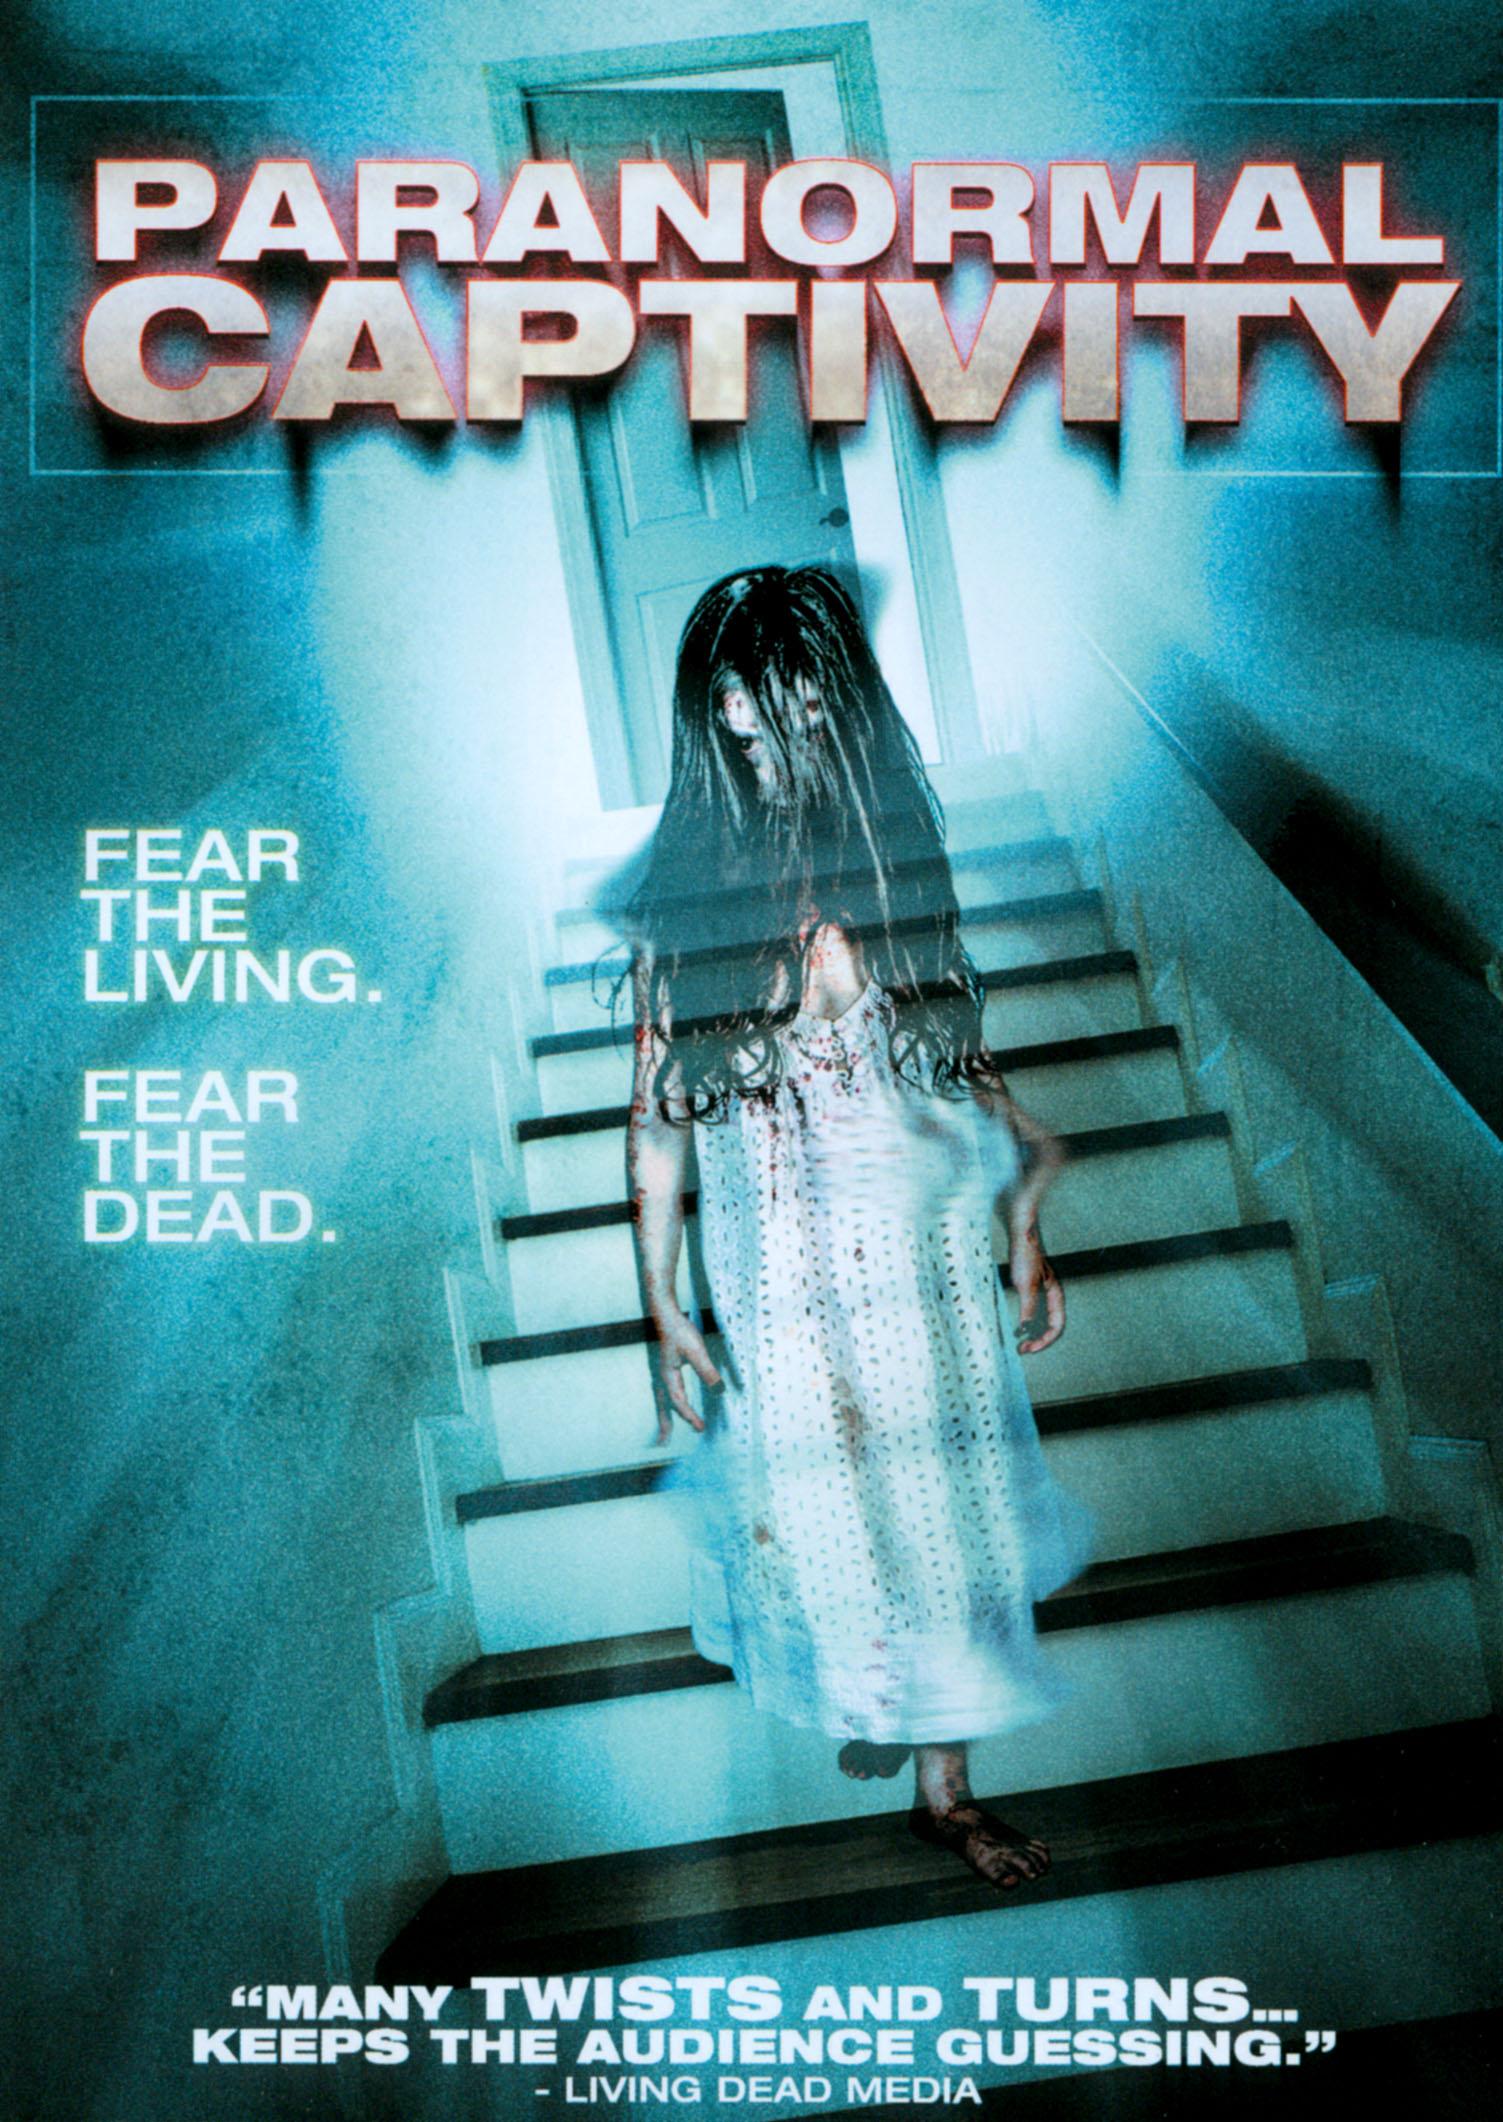 Paranormal Captivity (2012)